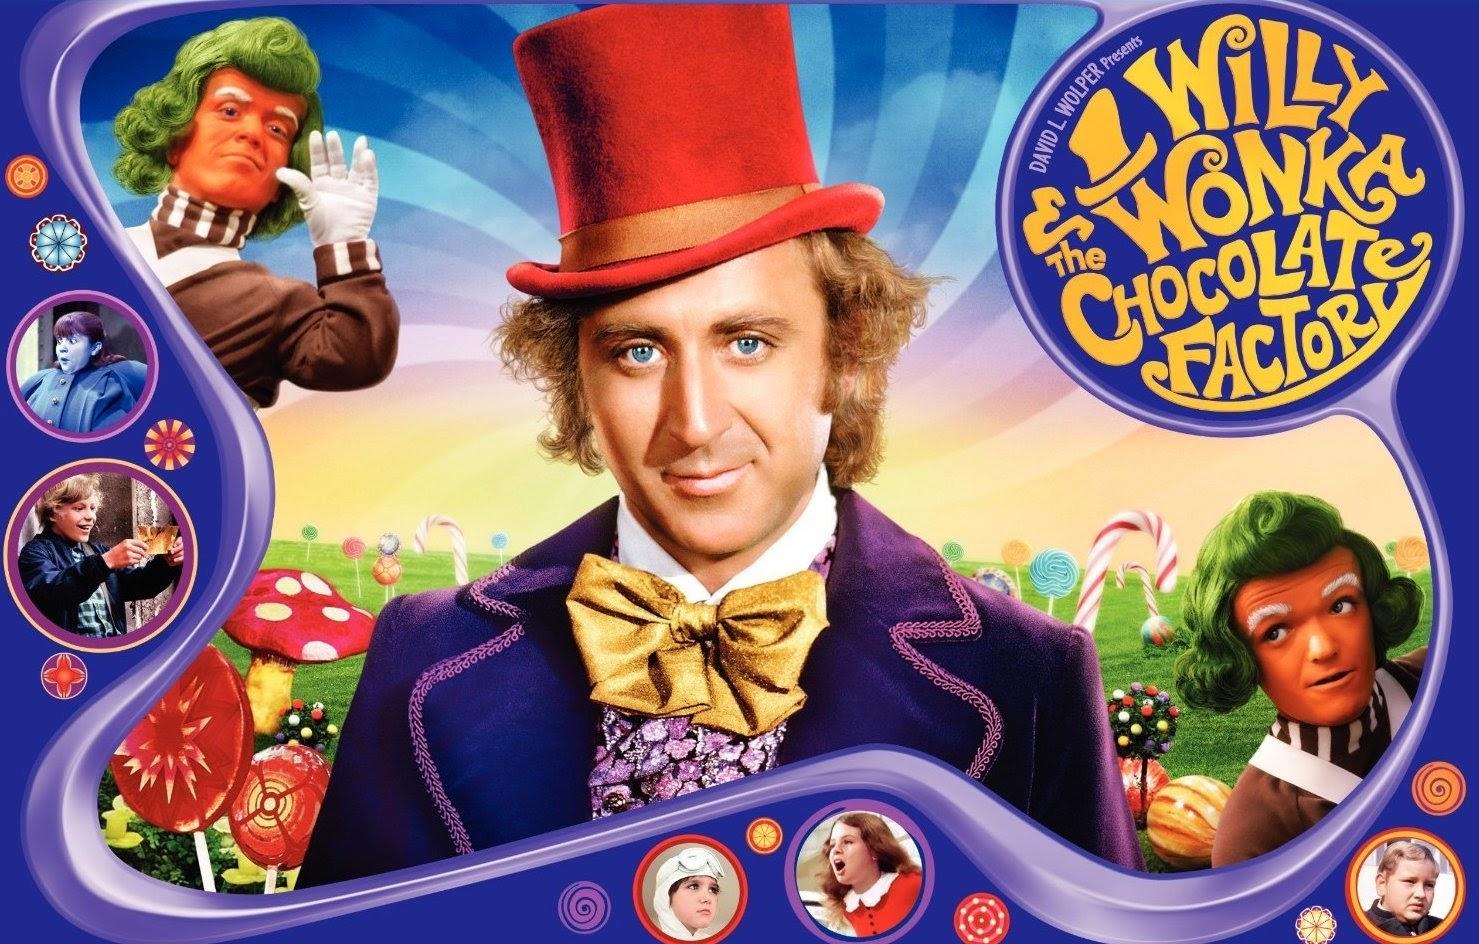 Filmes antigos costumavam ser mais coloridos, como a Fantástica Fábrica de Chocolate